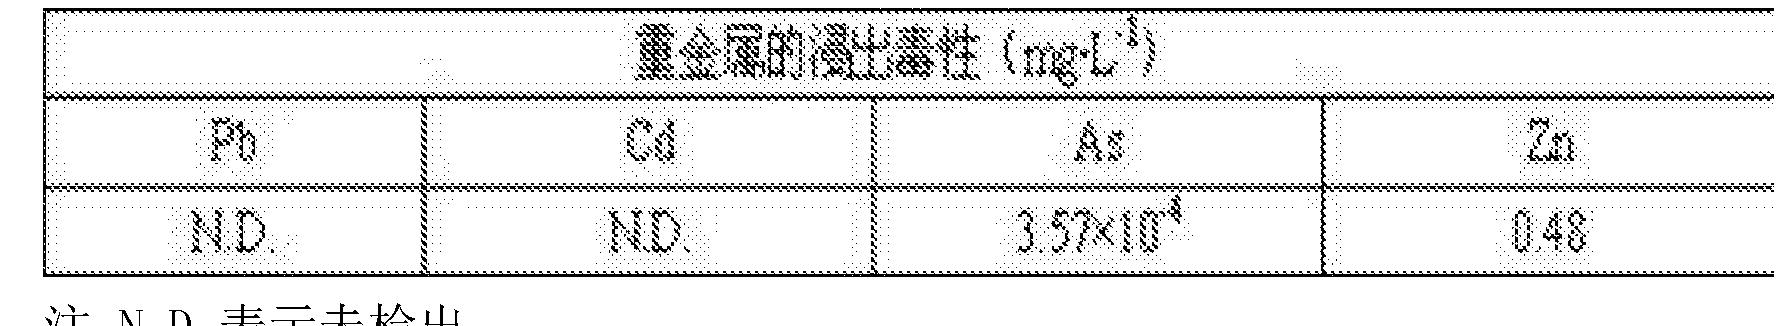 Figure CN104355558BD00115